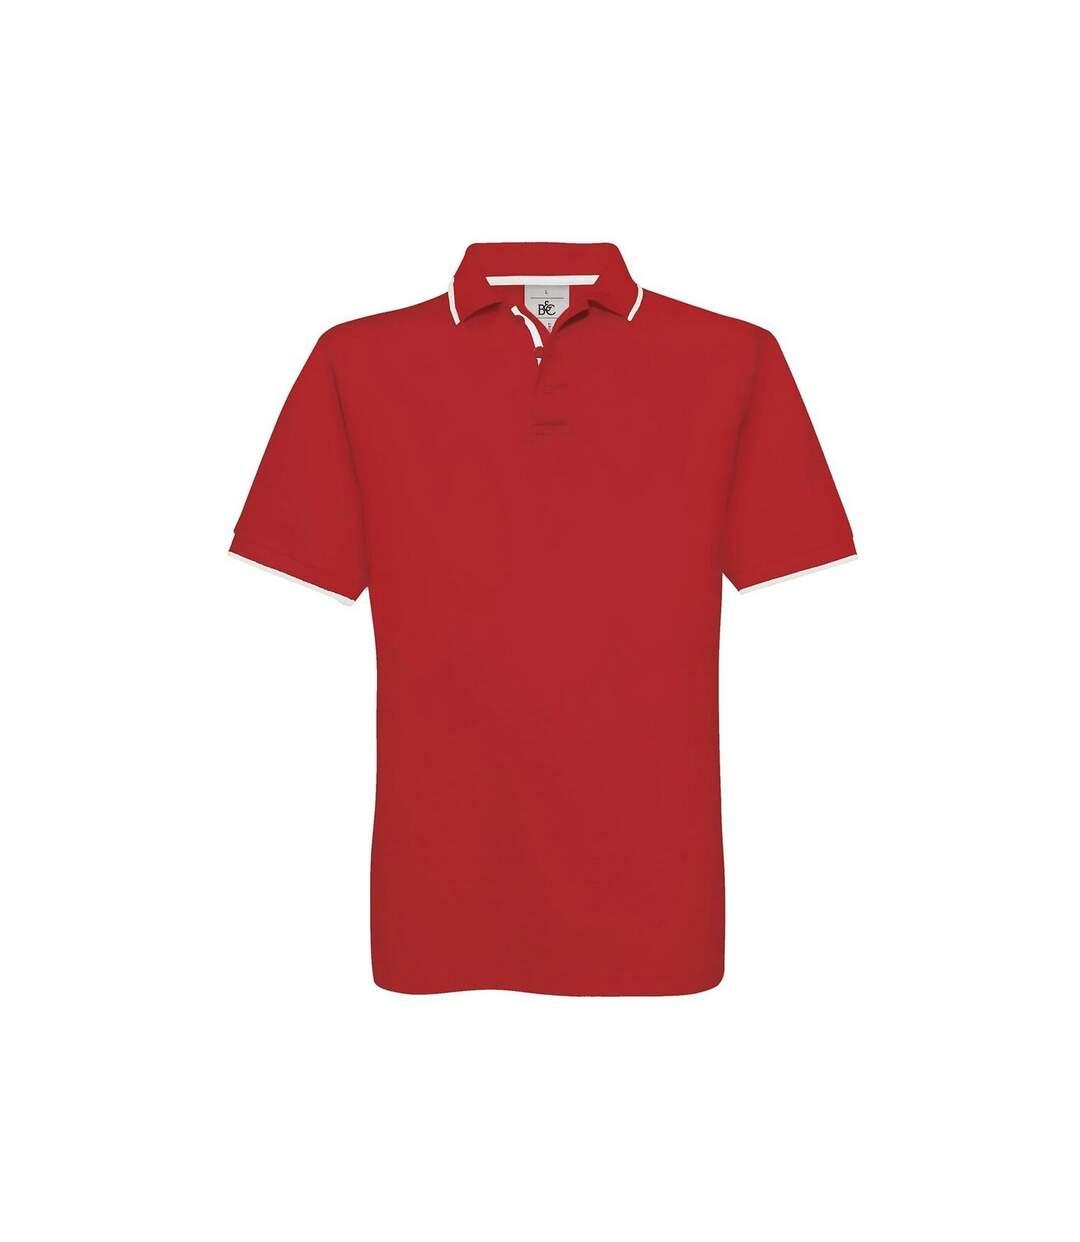 B&C Mens Safran Sport Plain Short Sleeve Polo Shirt (Red/White) - UTRW3513